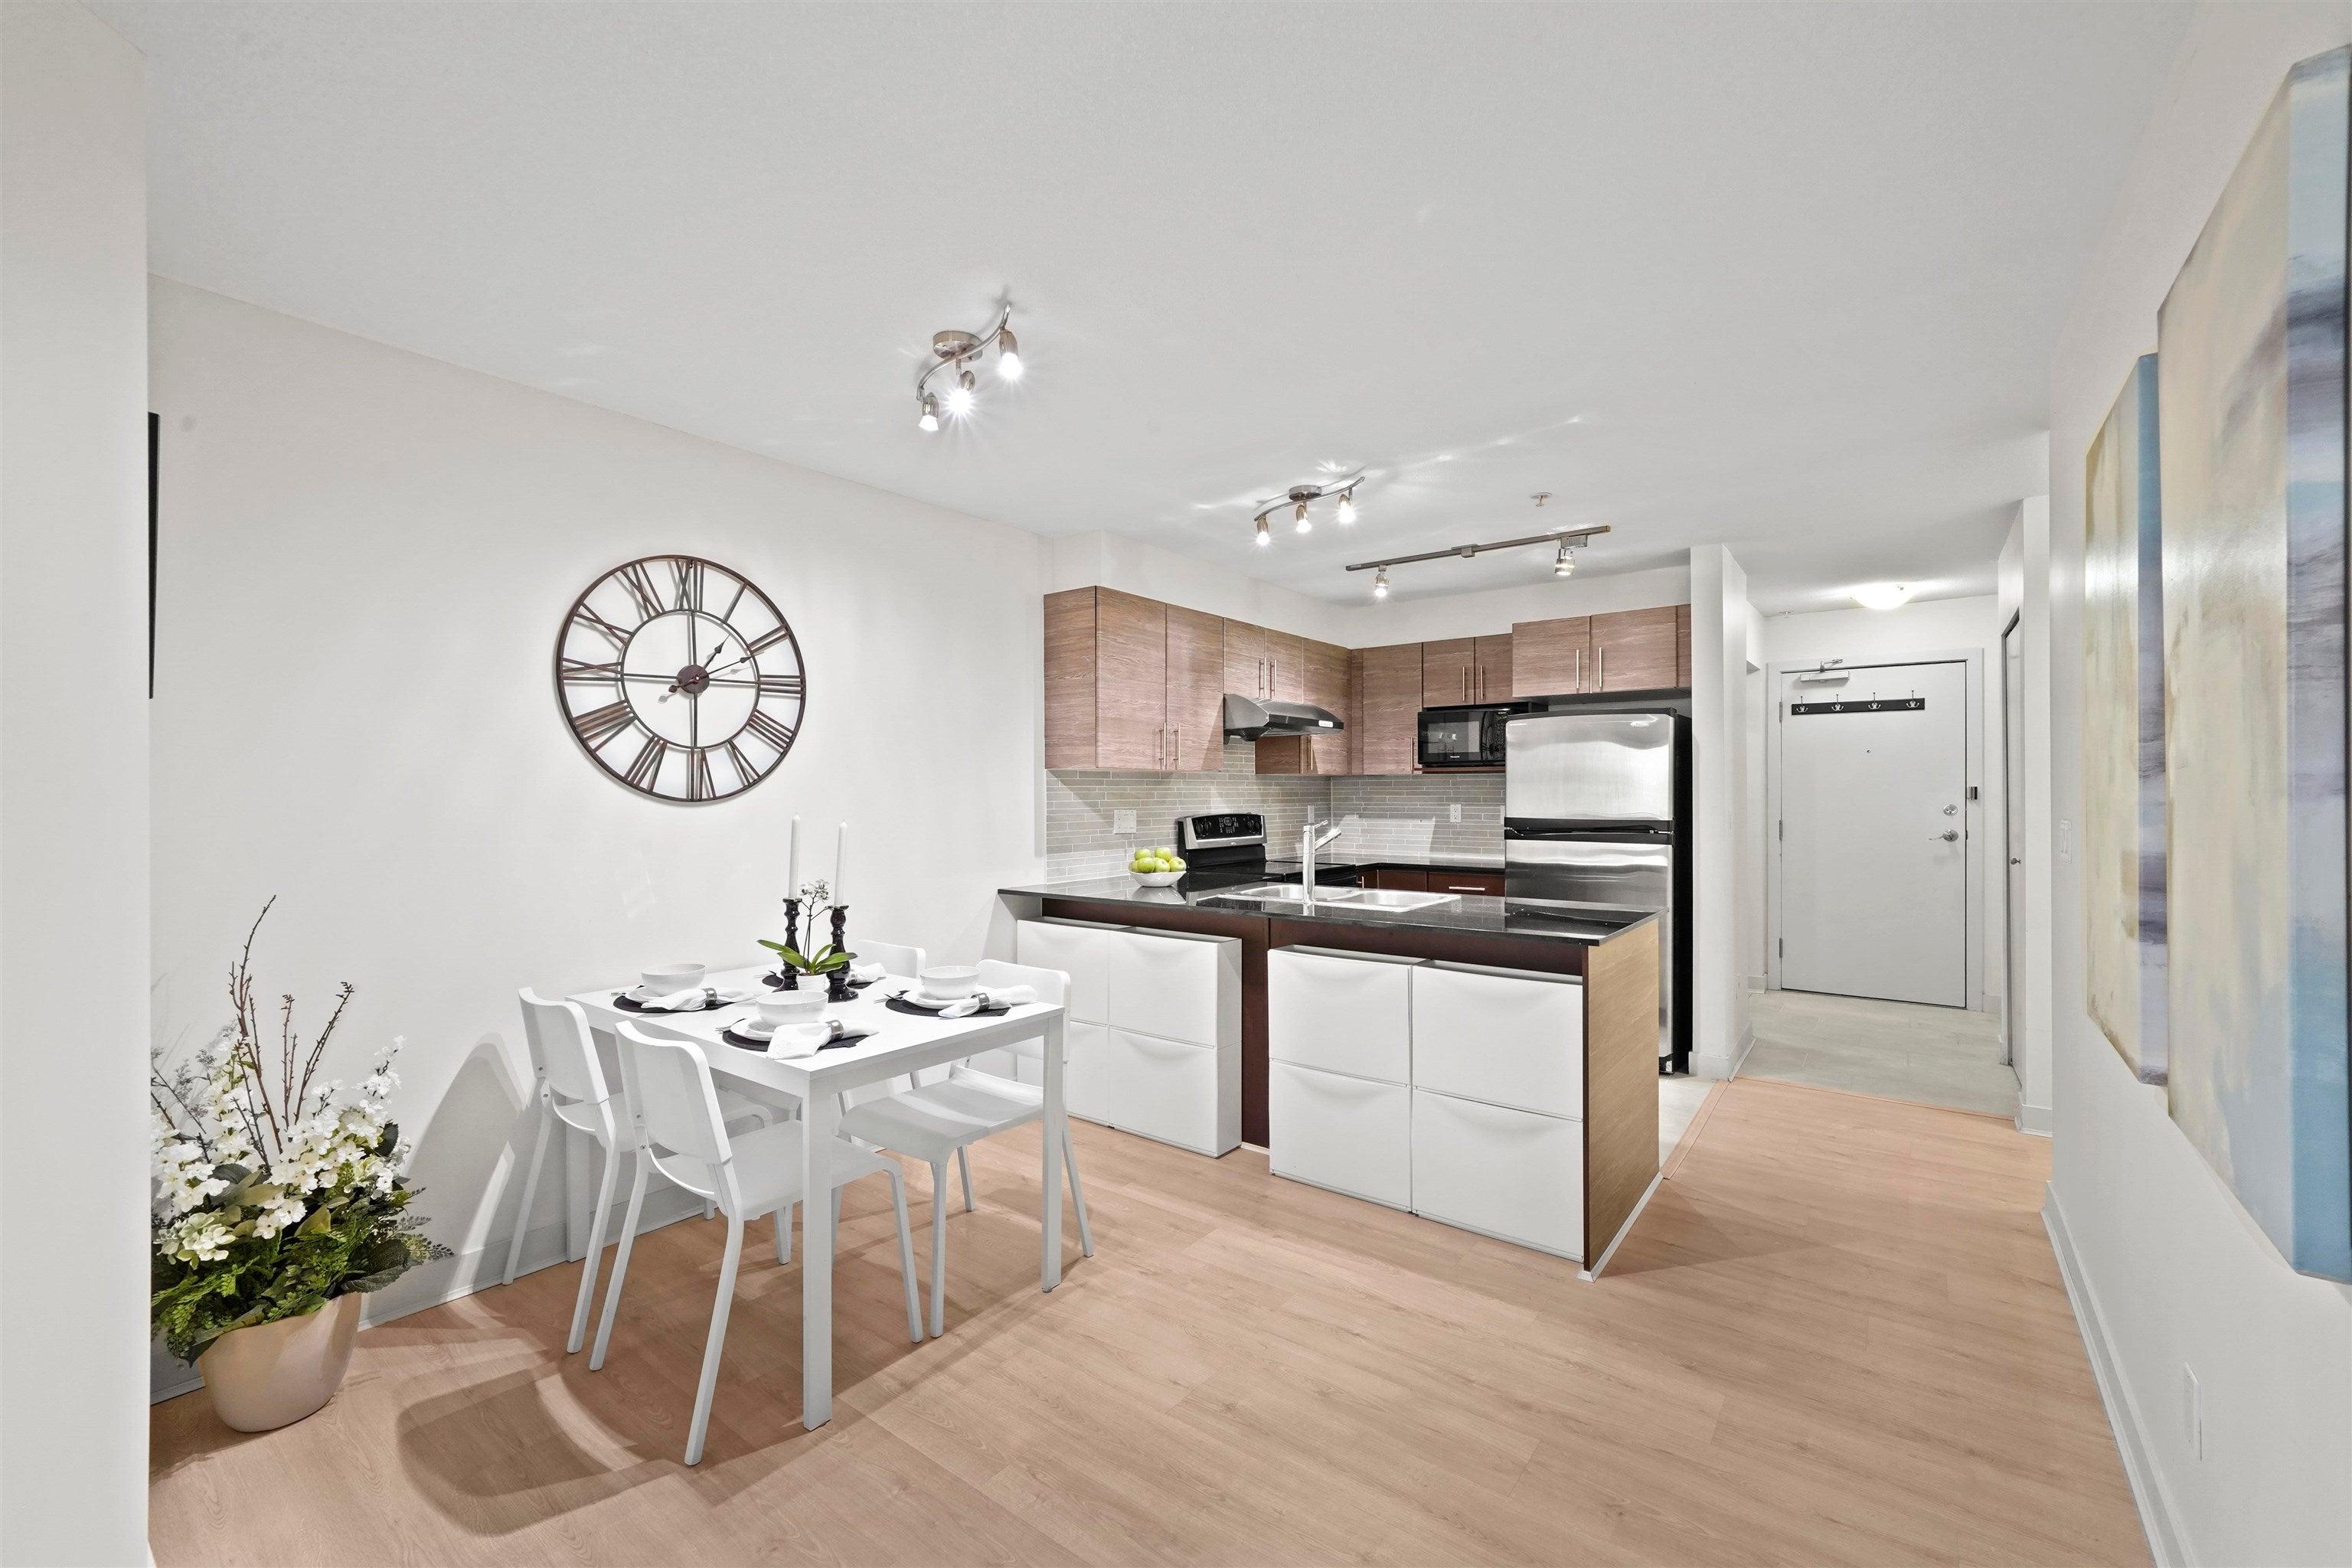 319 1633 MACKAY AVENUE - Pemberton NV Apartment/Condo for sale, 2 Bedrooms (R2624916) - #6